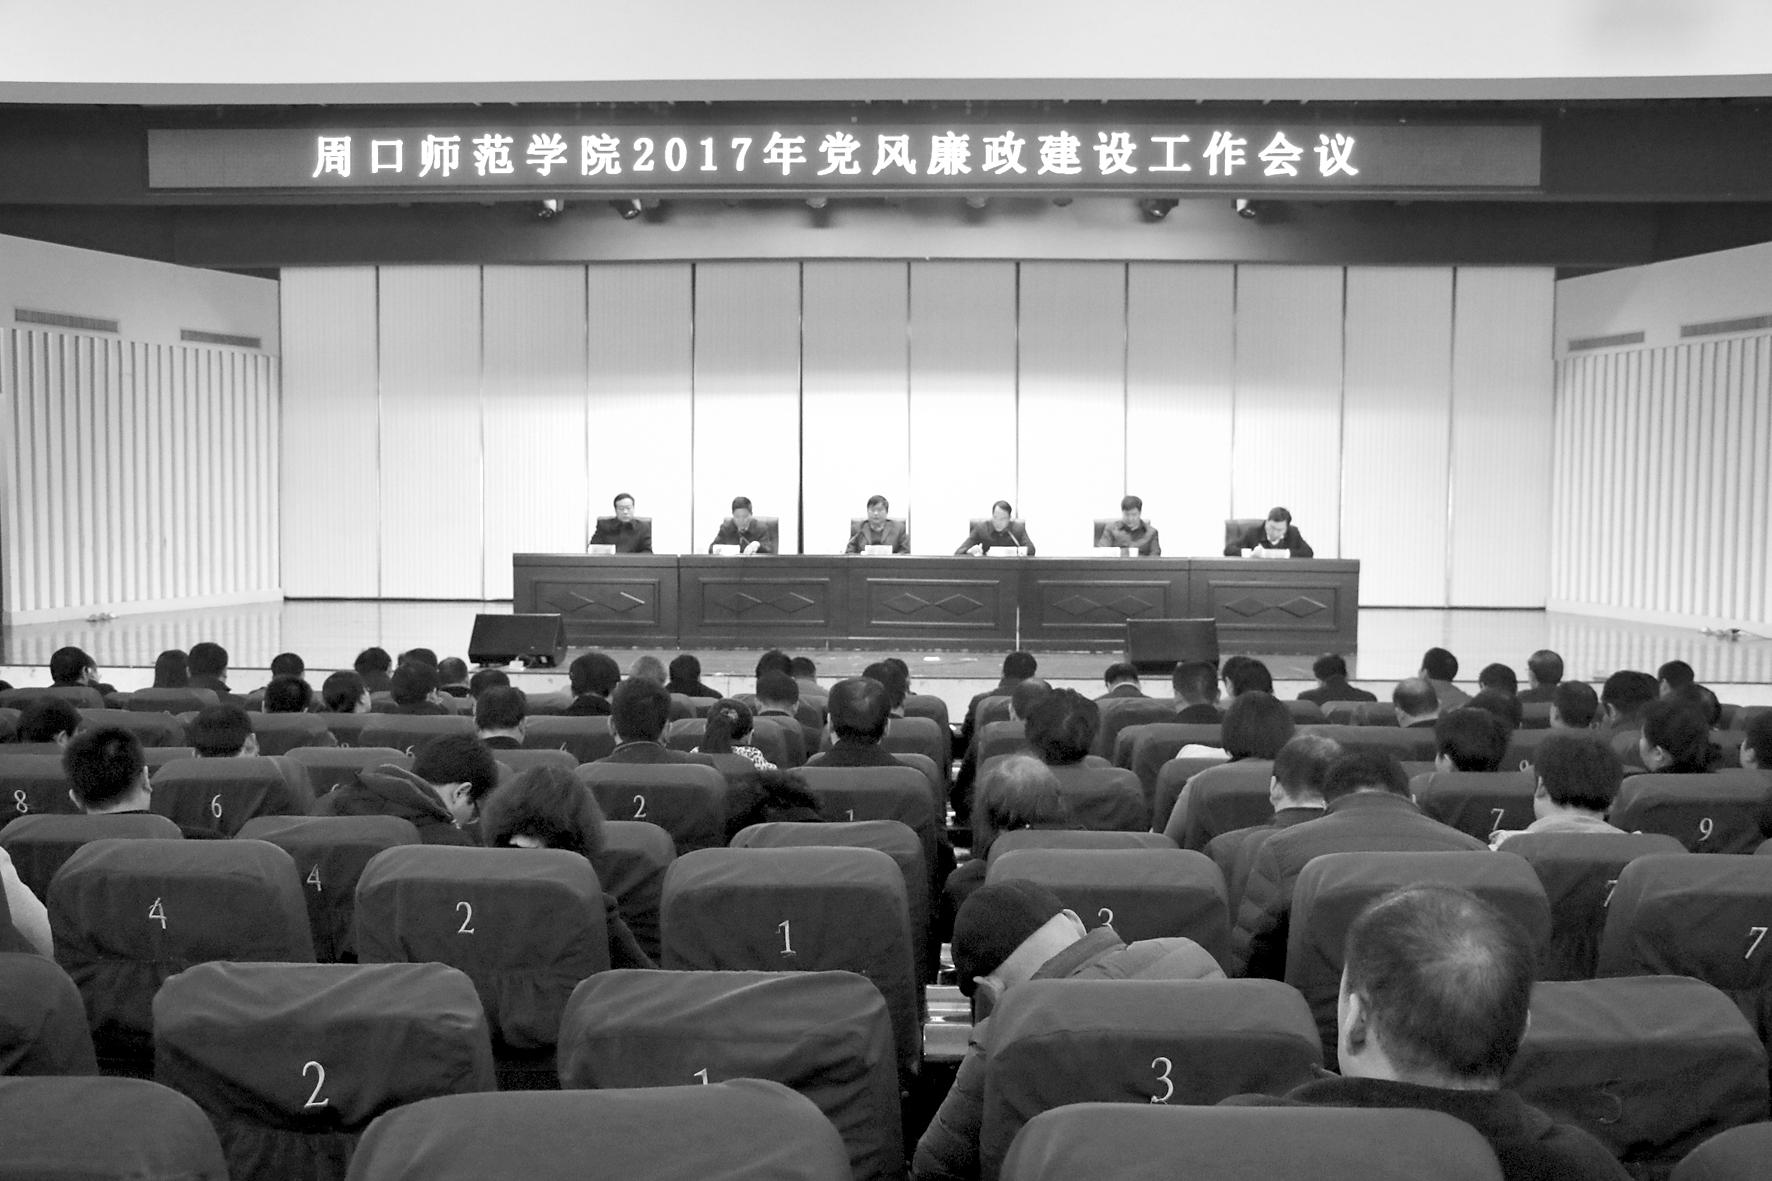 学校召开2017年党风廉政建设工作会议